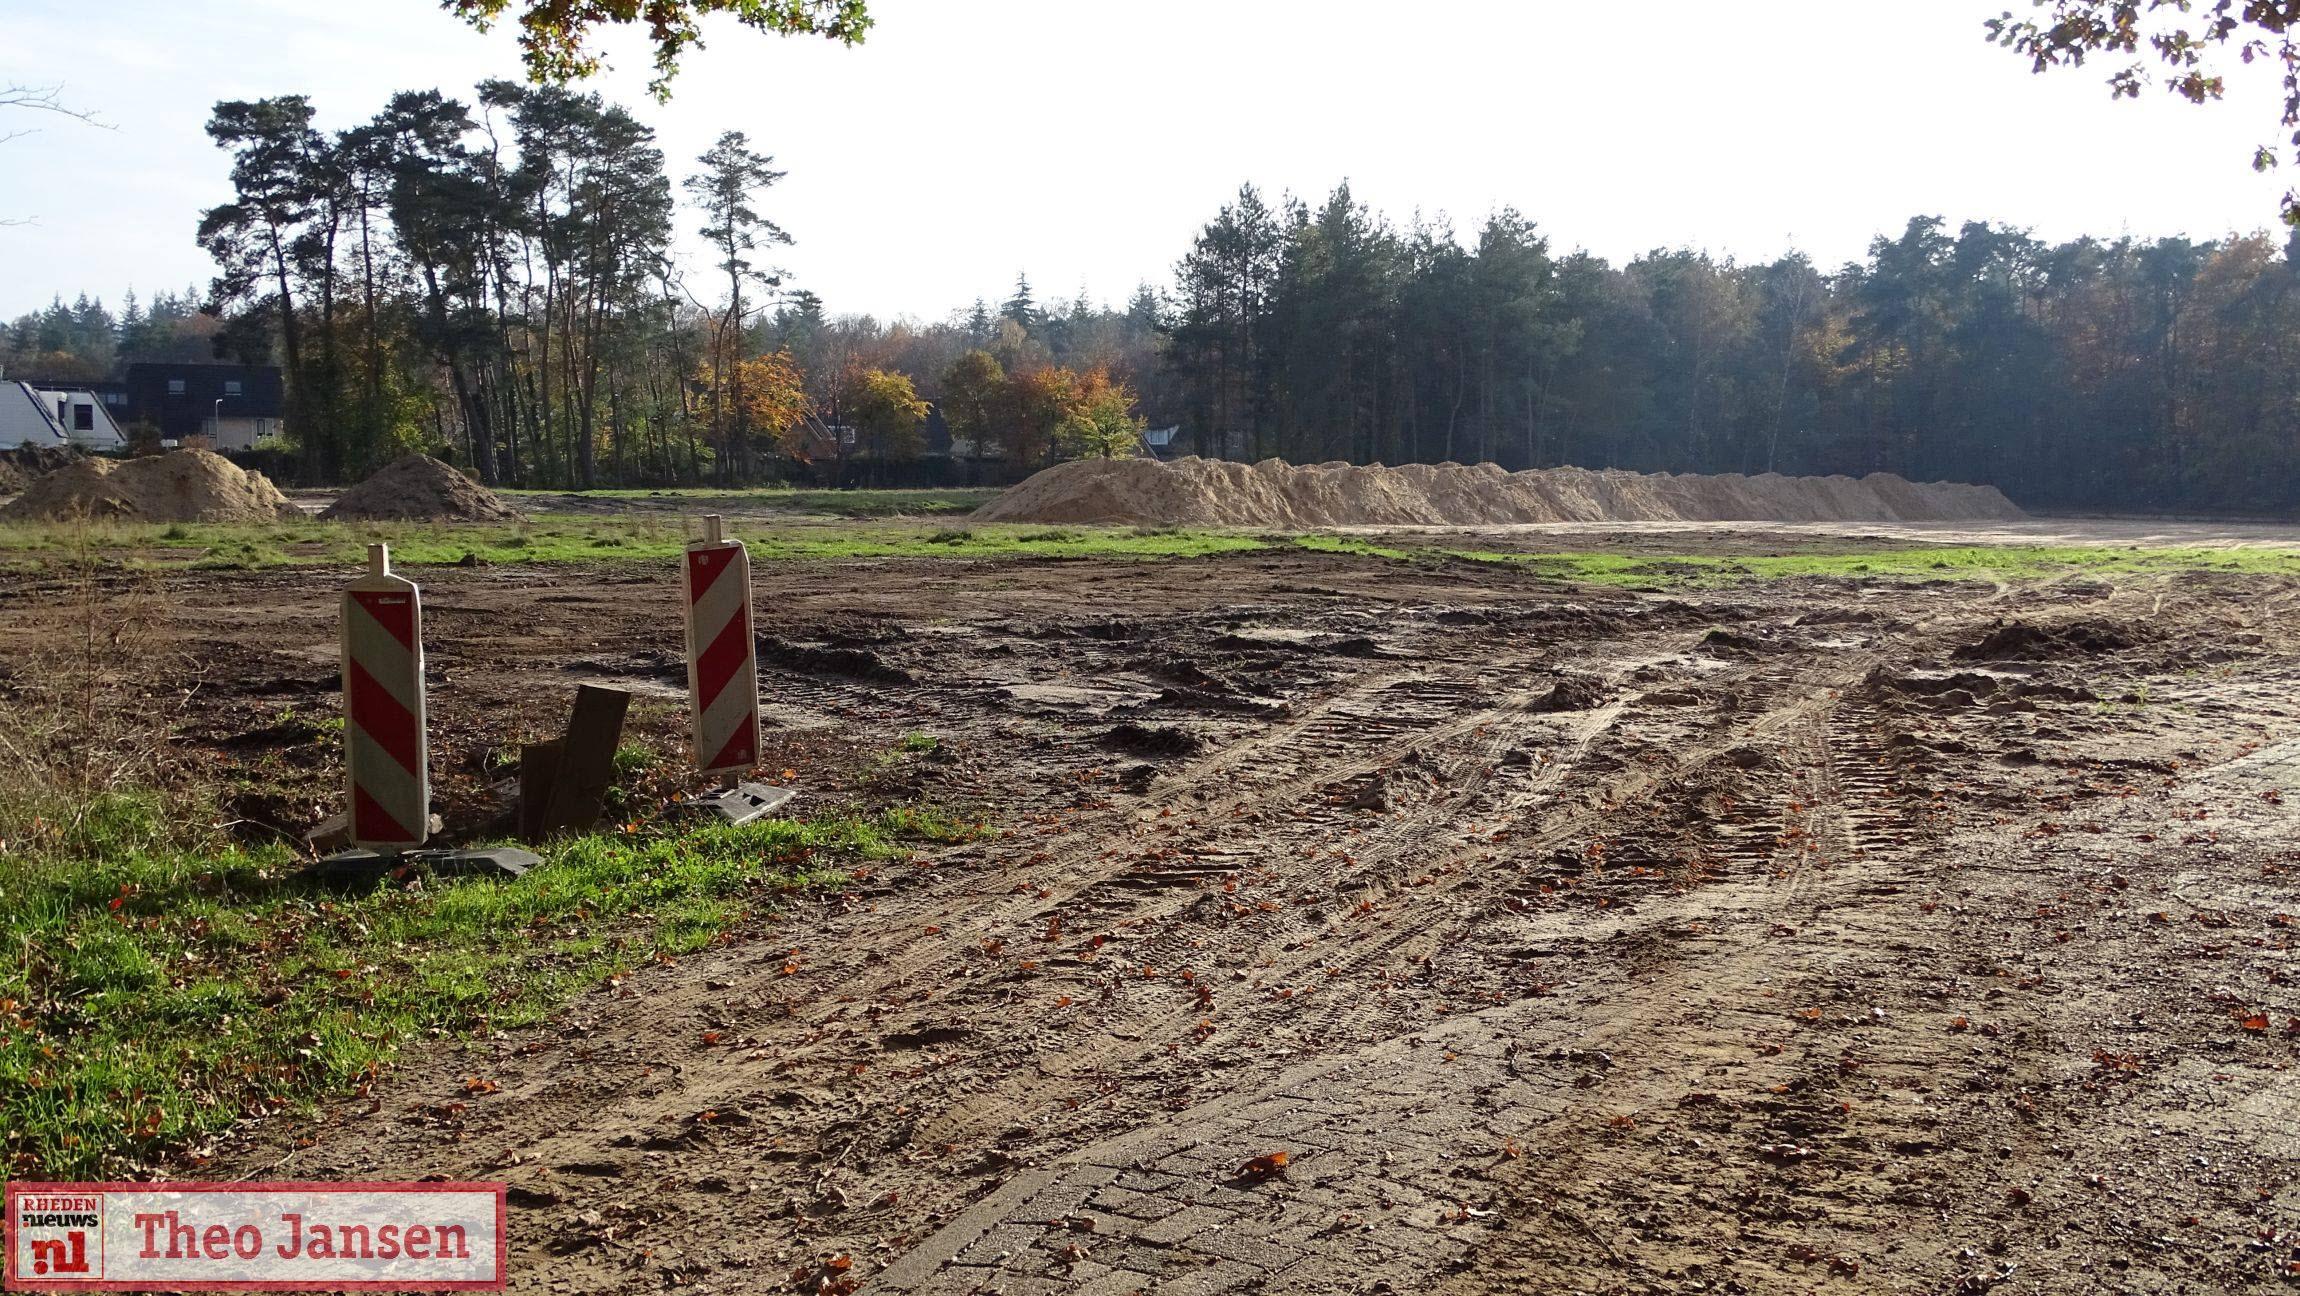 Ruimte voor wensen van de buurt en woningbouw op voormalig hockeyterrein Dieren - rheden.nieuws.nl